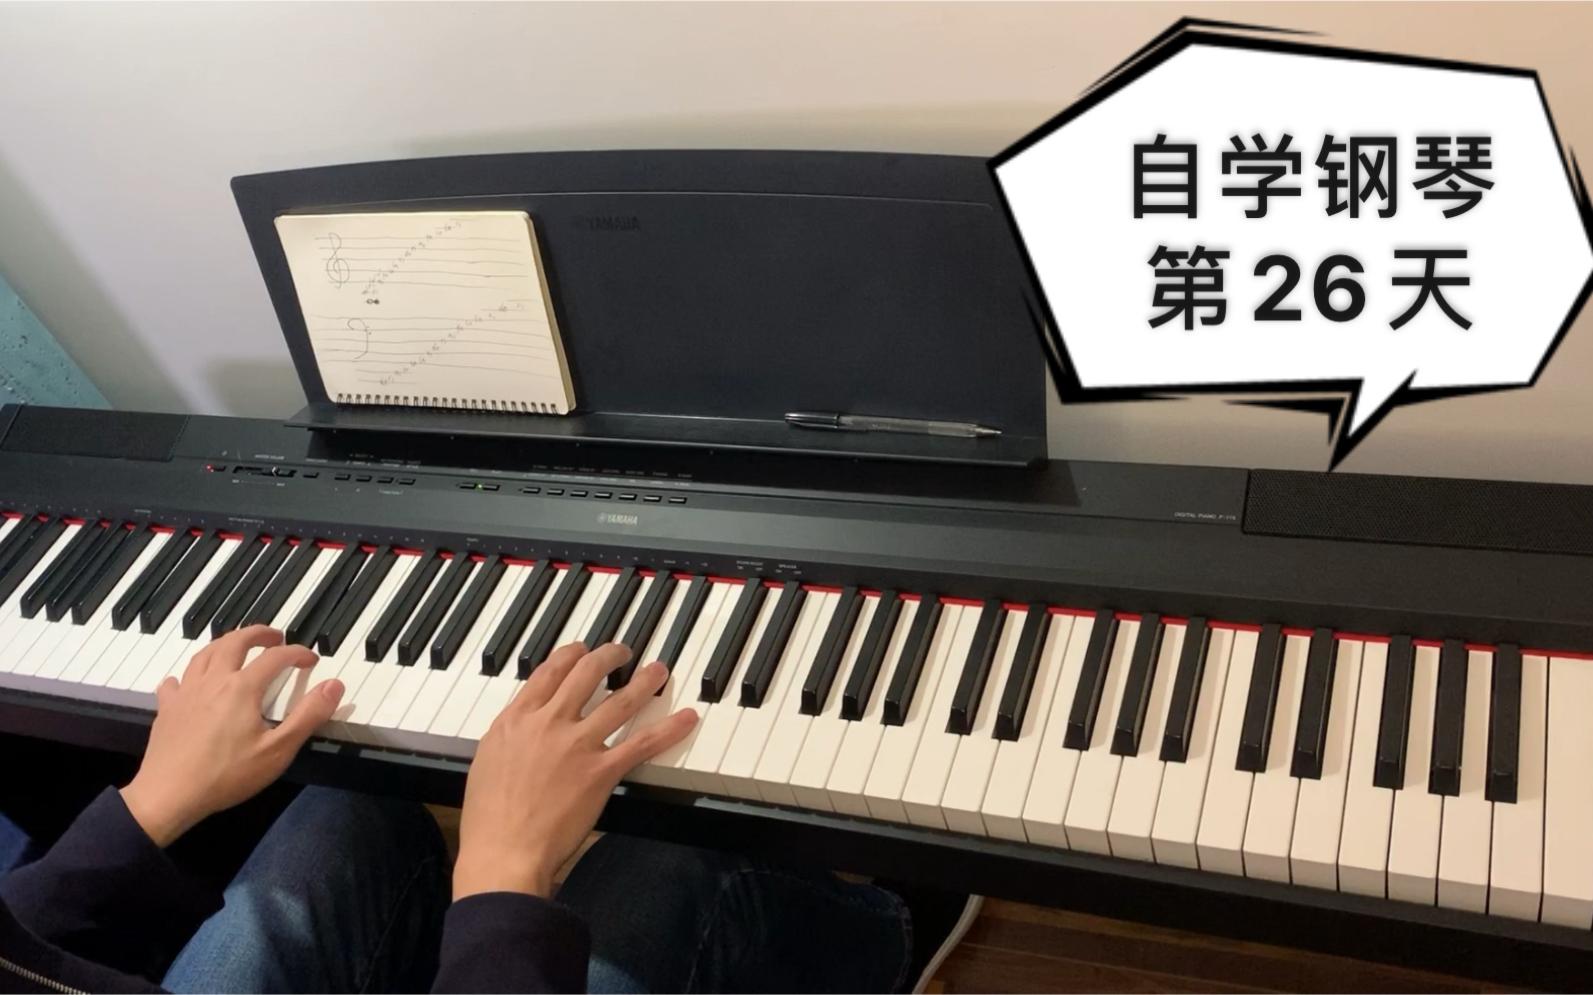 零基础自学电钢琴26天弹《贝加尔湖畔》,继续加油奥利给!